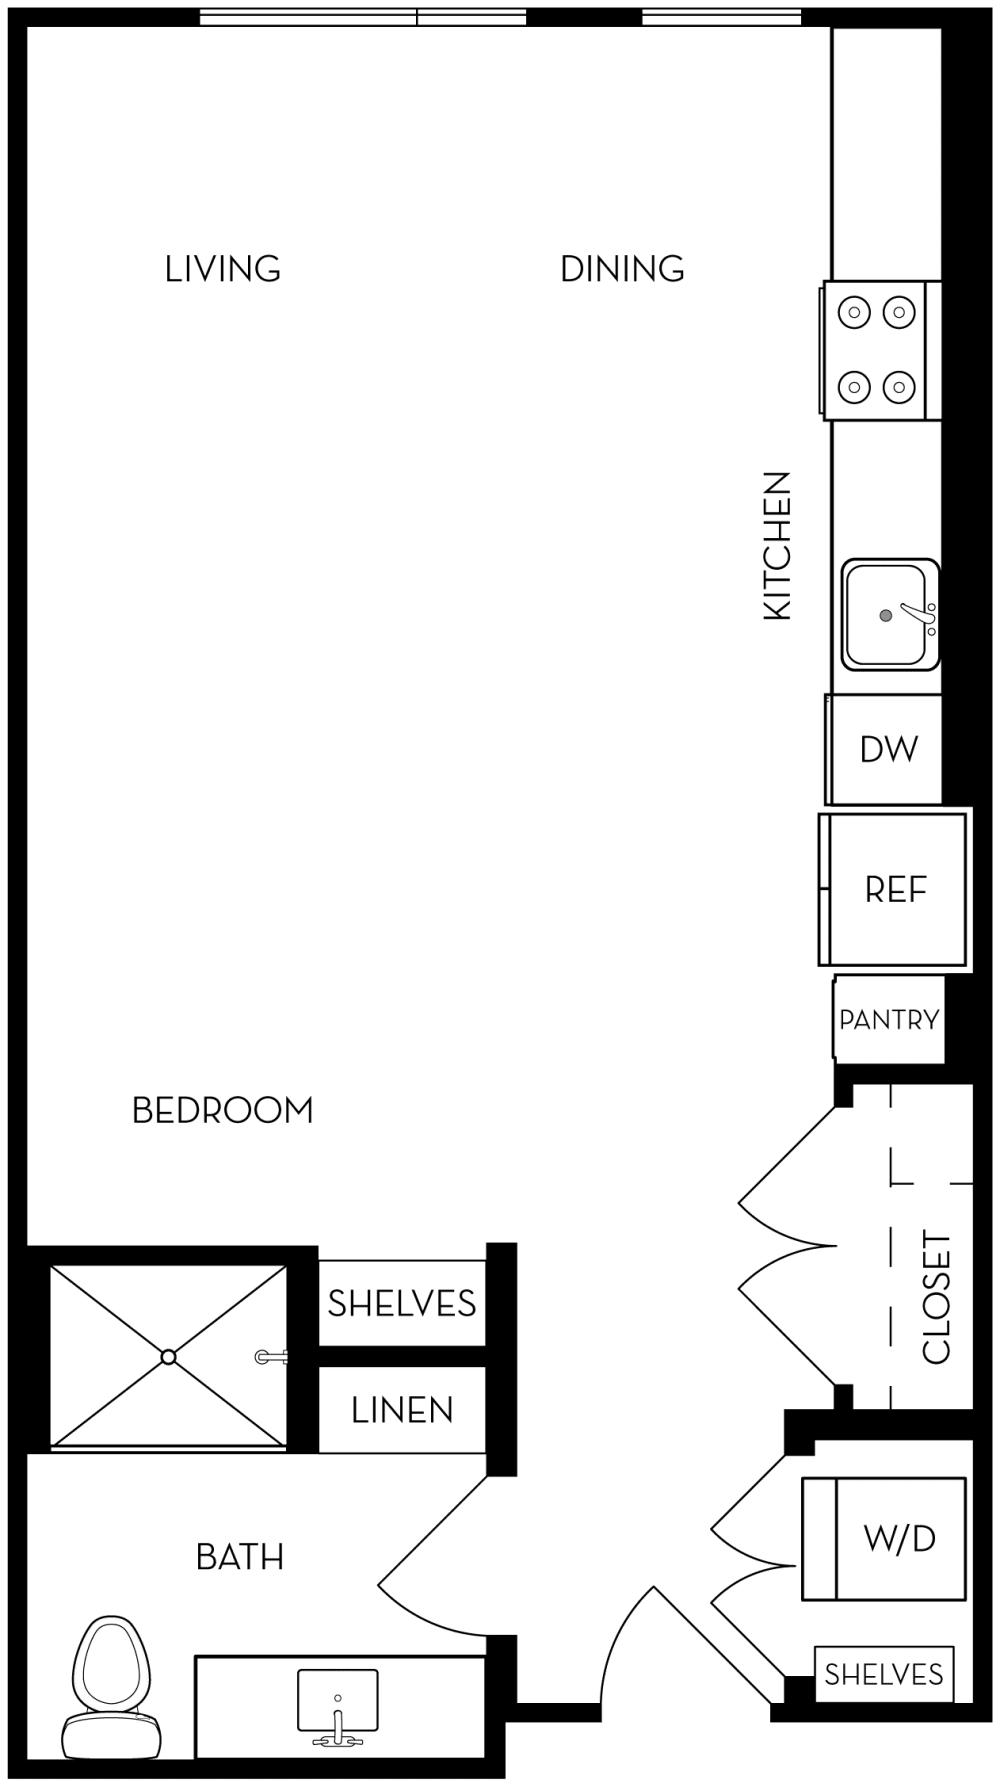 ST1 Floor Plan